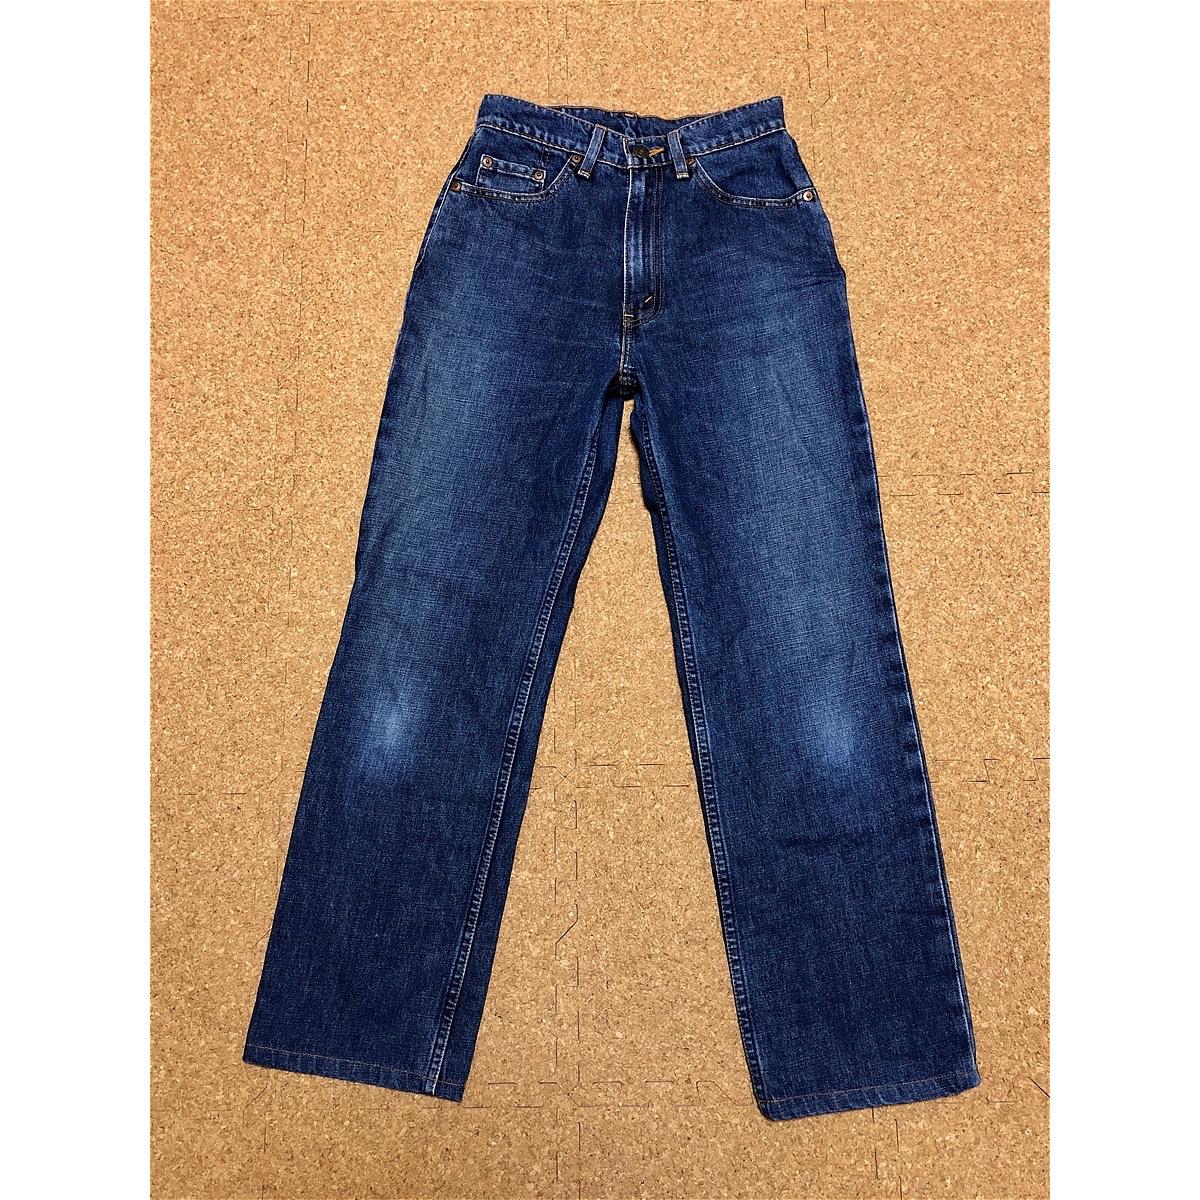 即納 送料無料 洗濯済 「29」サイズ 【LEVIS】 W519-02 股上深めジーンズ ブルー レディース リーバイス 股下72cm GW58